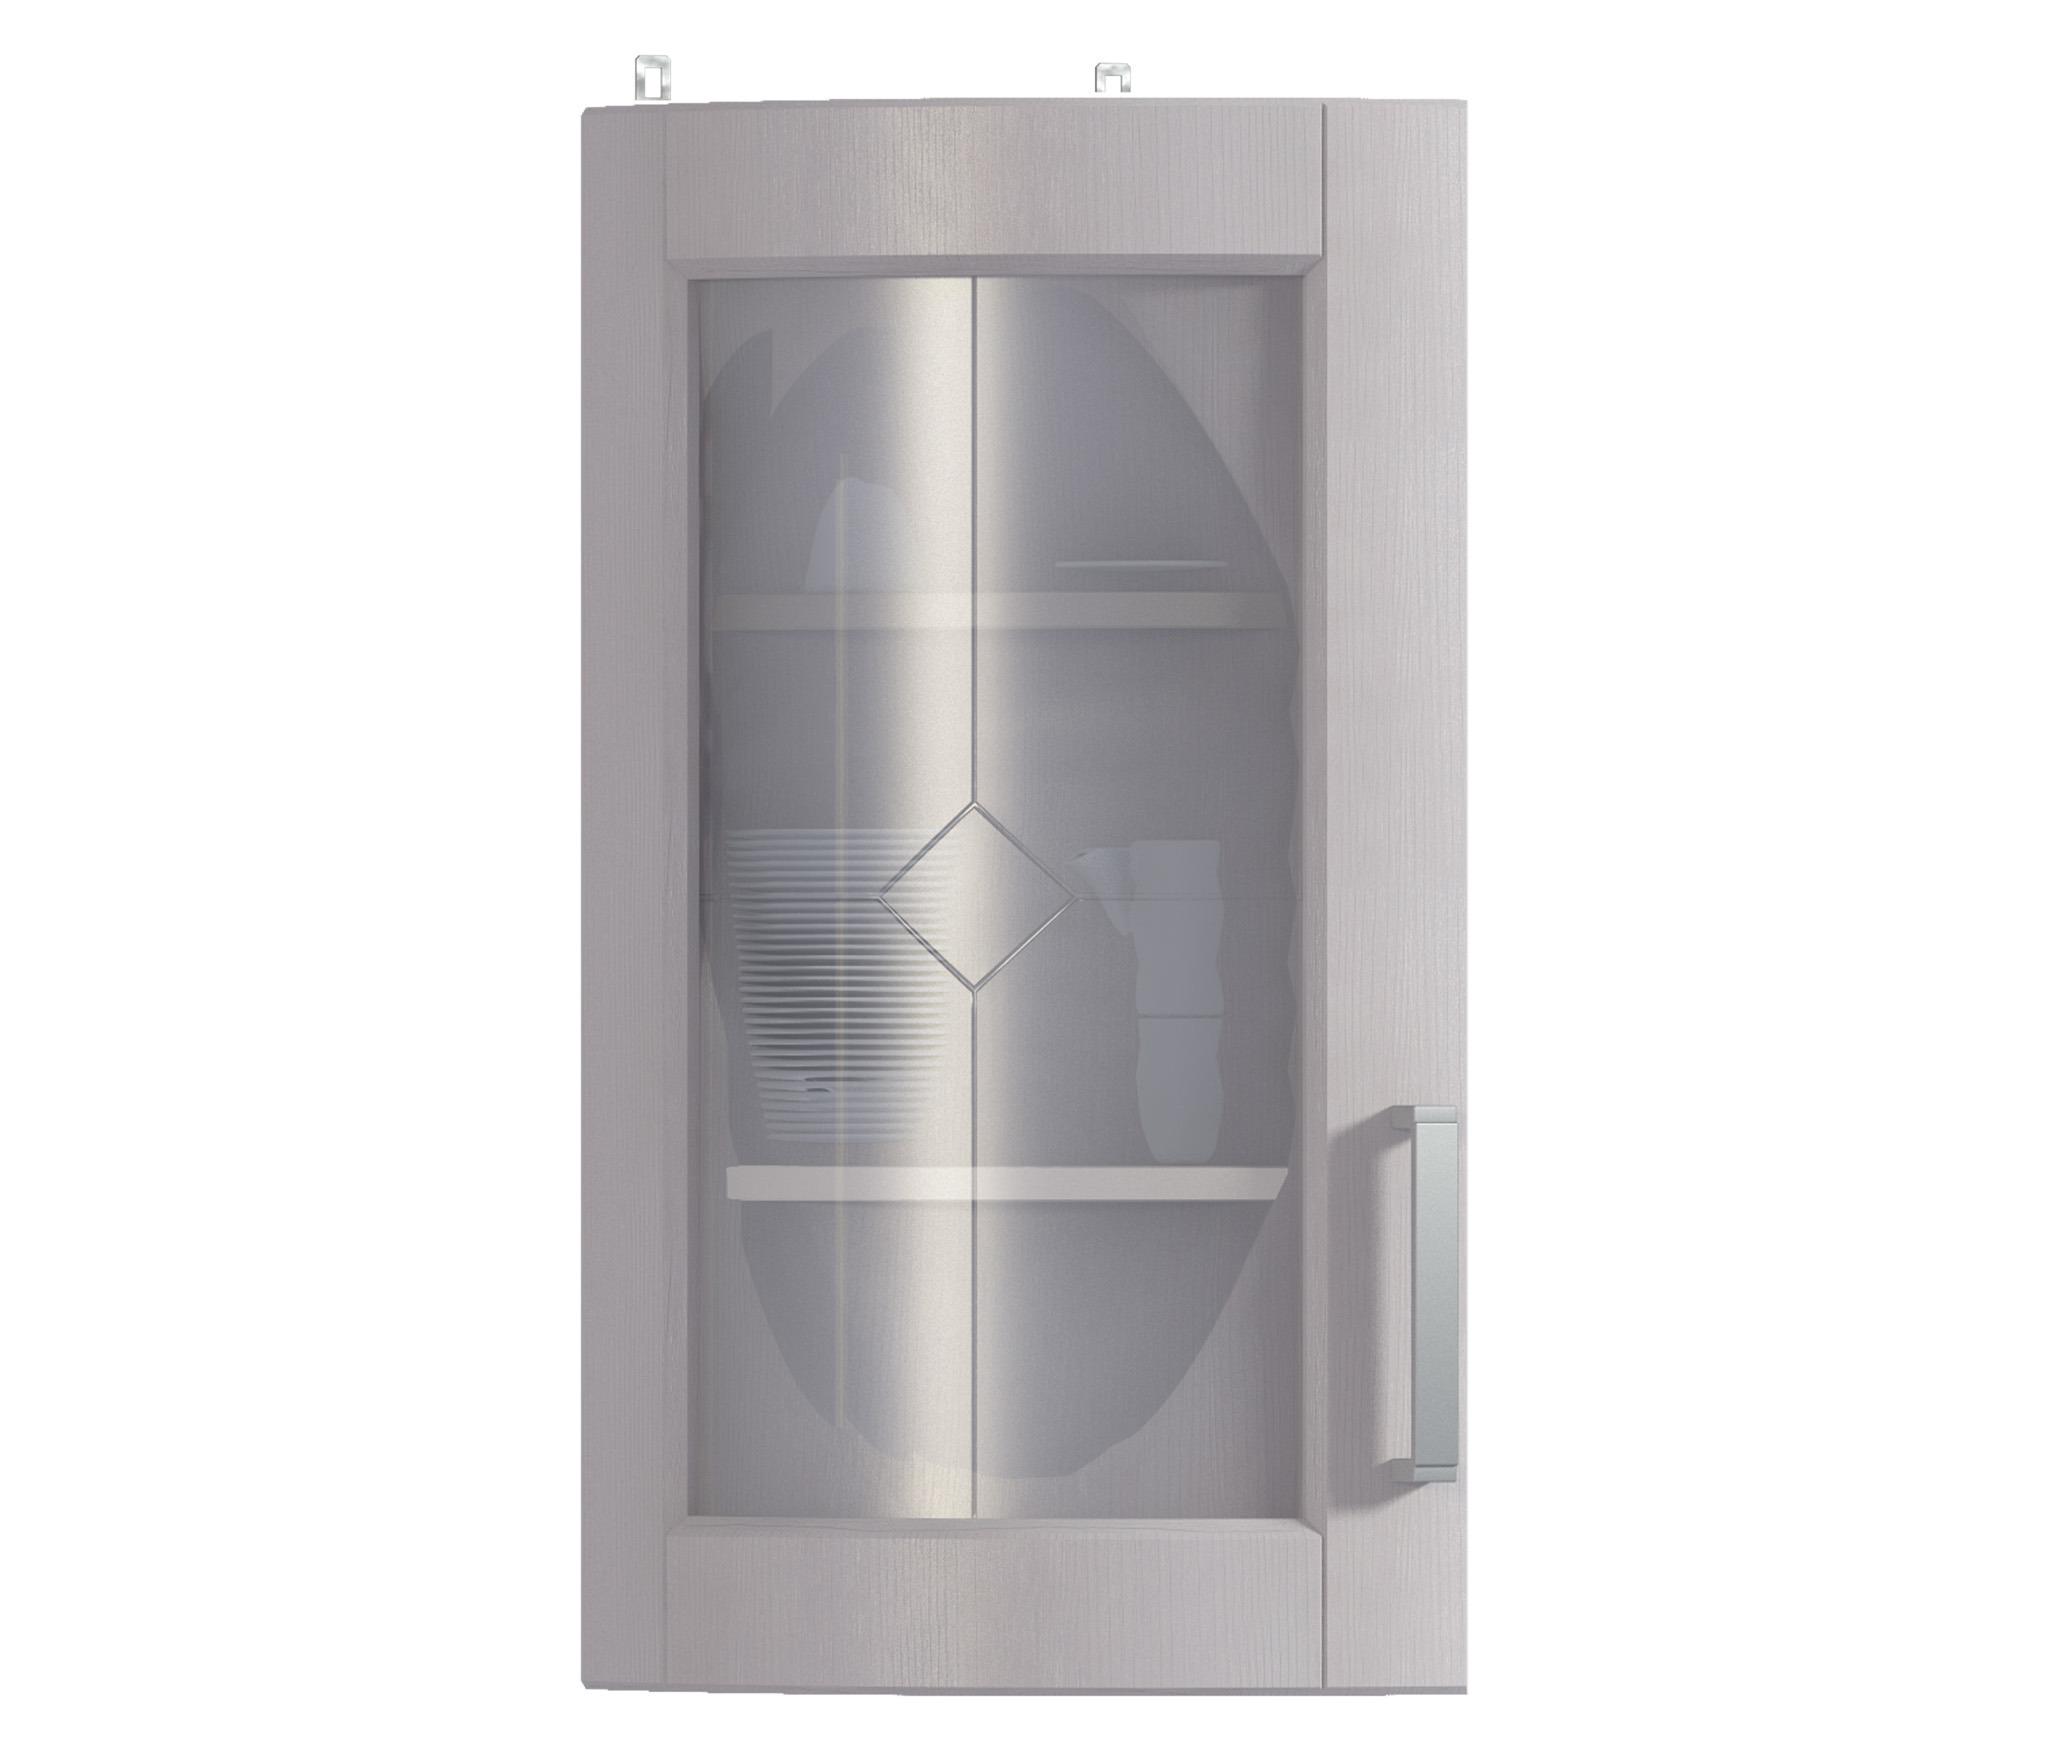 Регина ФВГ-30 витринаКухня<br><br><br>Длина мм: 421<br>Высота мм: 713<br>Глубина мм: 80